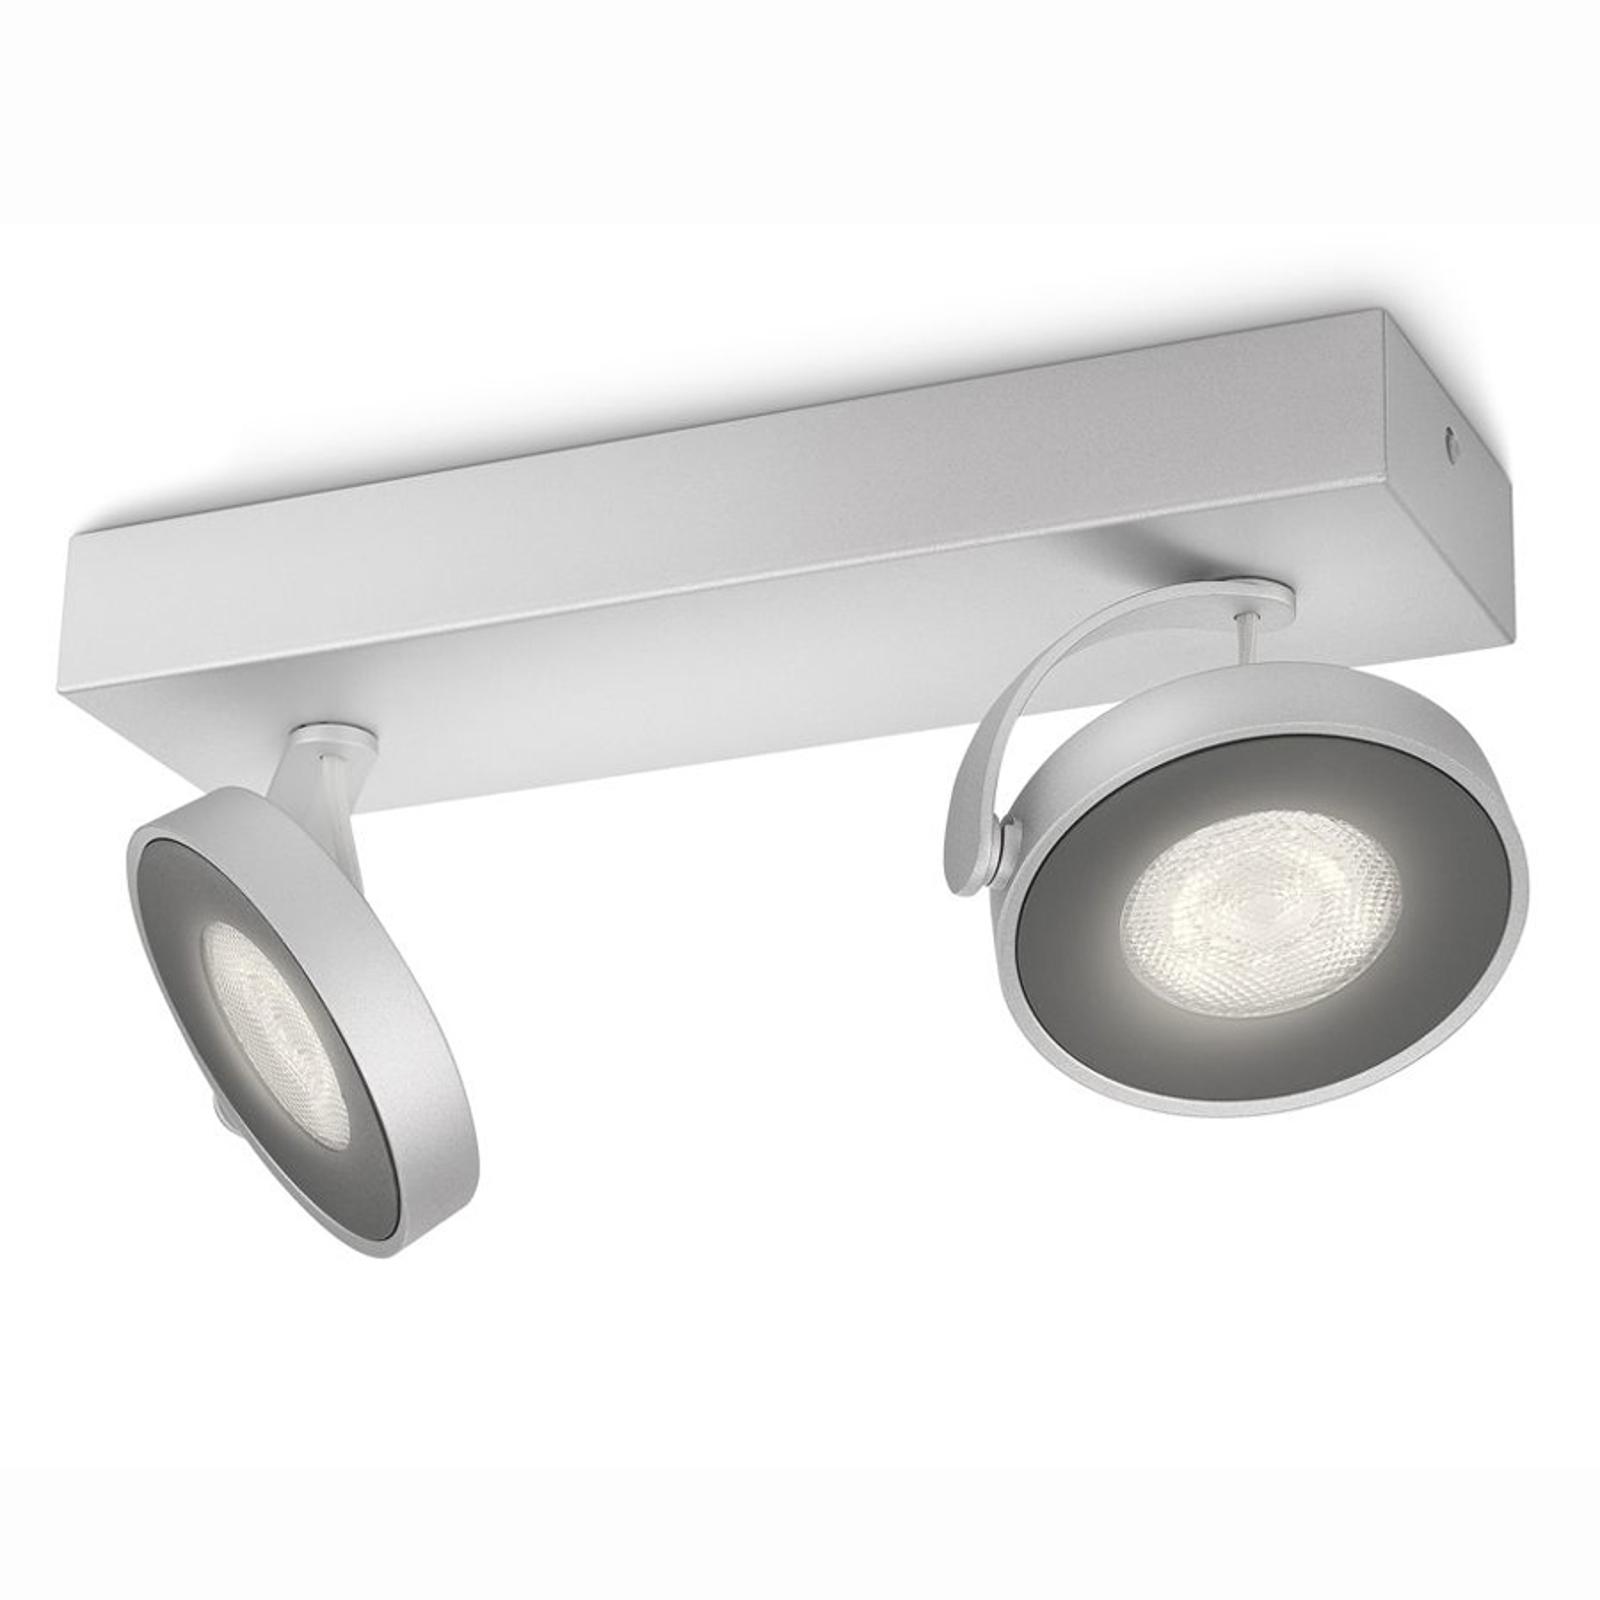 Philips Clockwork LED-Deckenstrahler grau 2-flg.